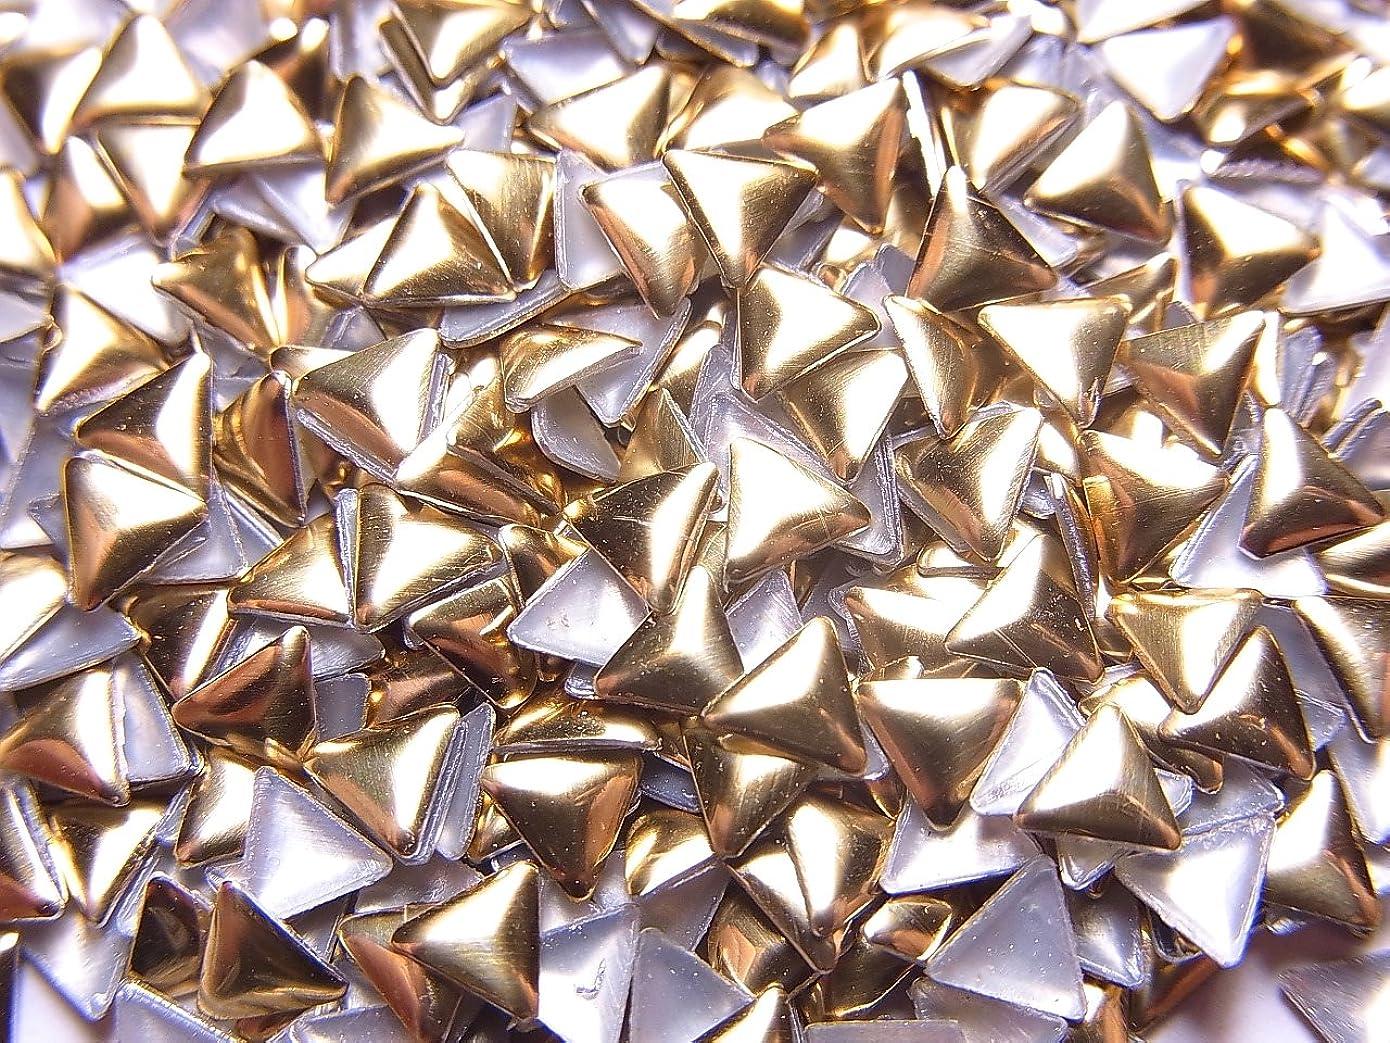 必需品ビルダー伝統的【jewel】トライアングル型(三角形)メタルスタッズ 4mm ゴールド 約100粒入り